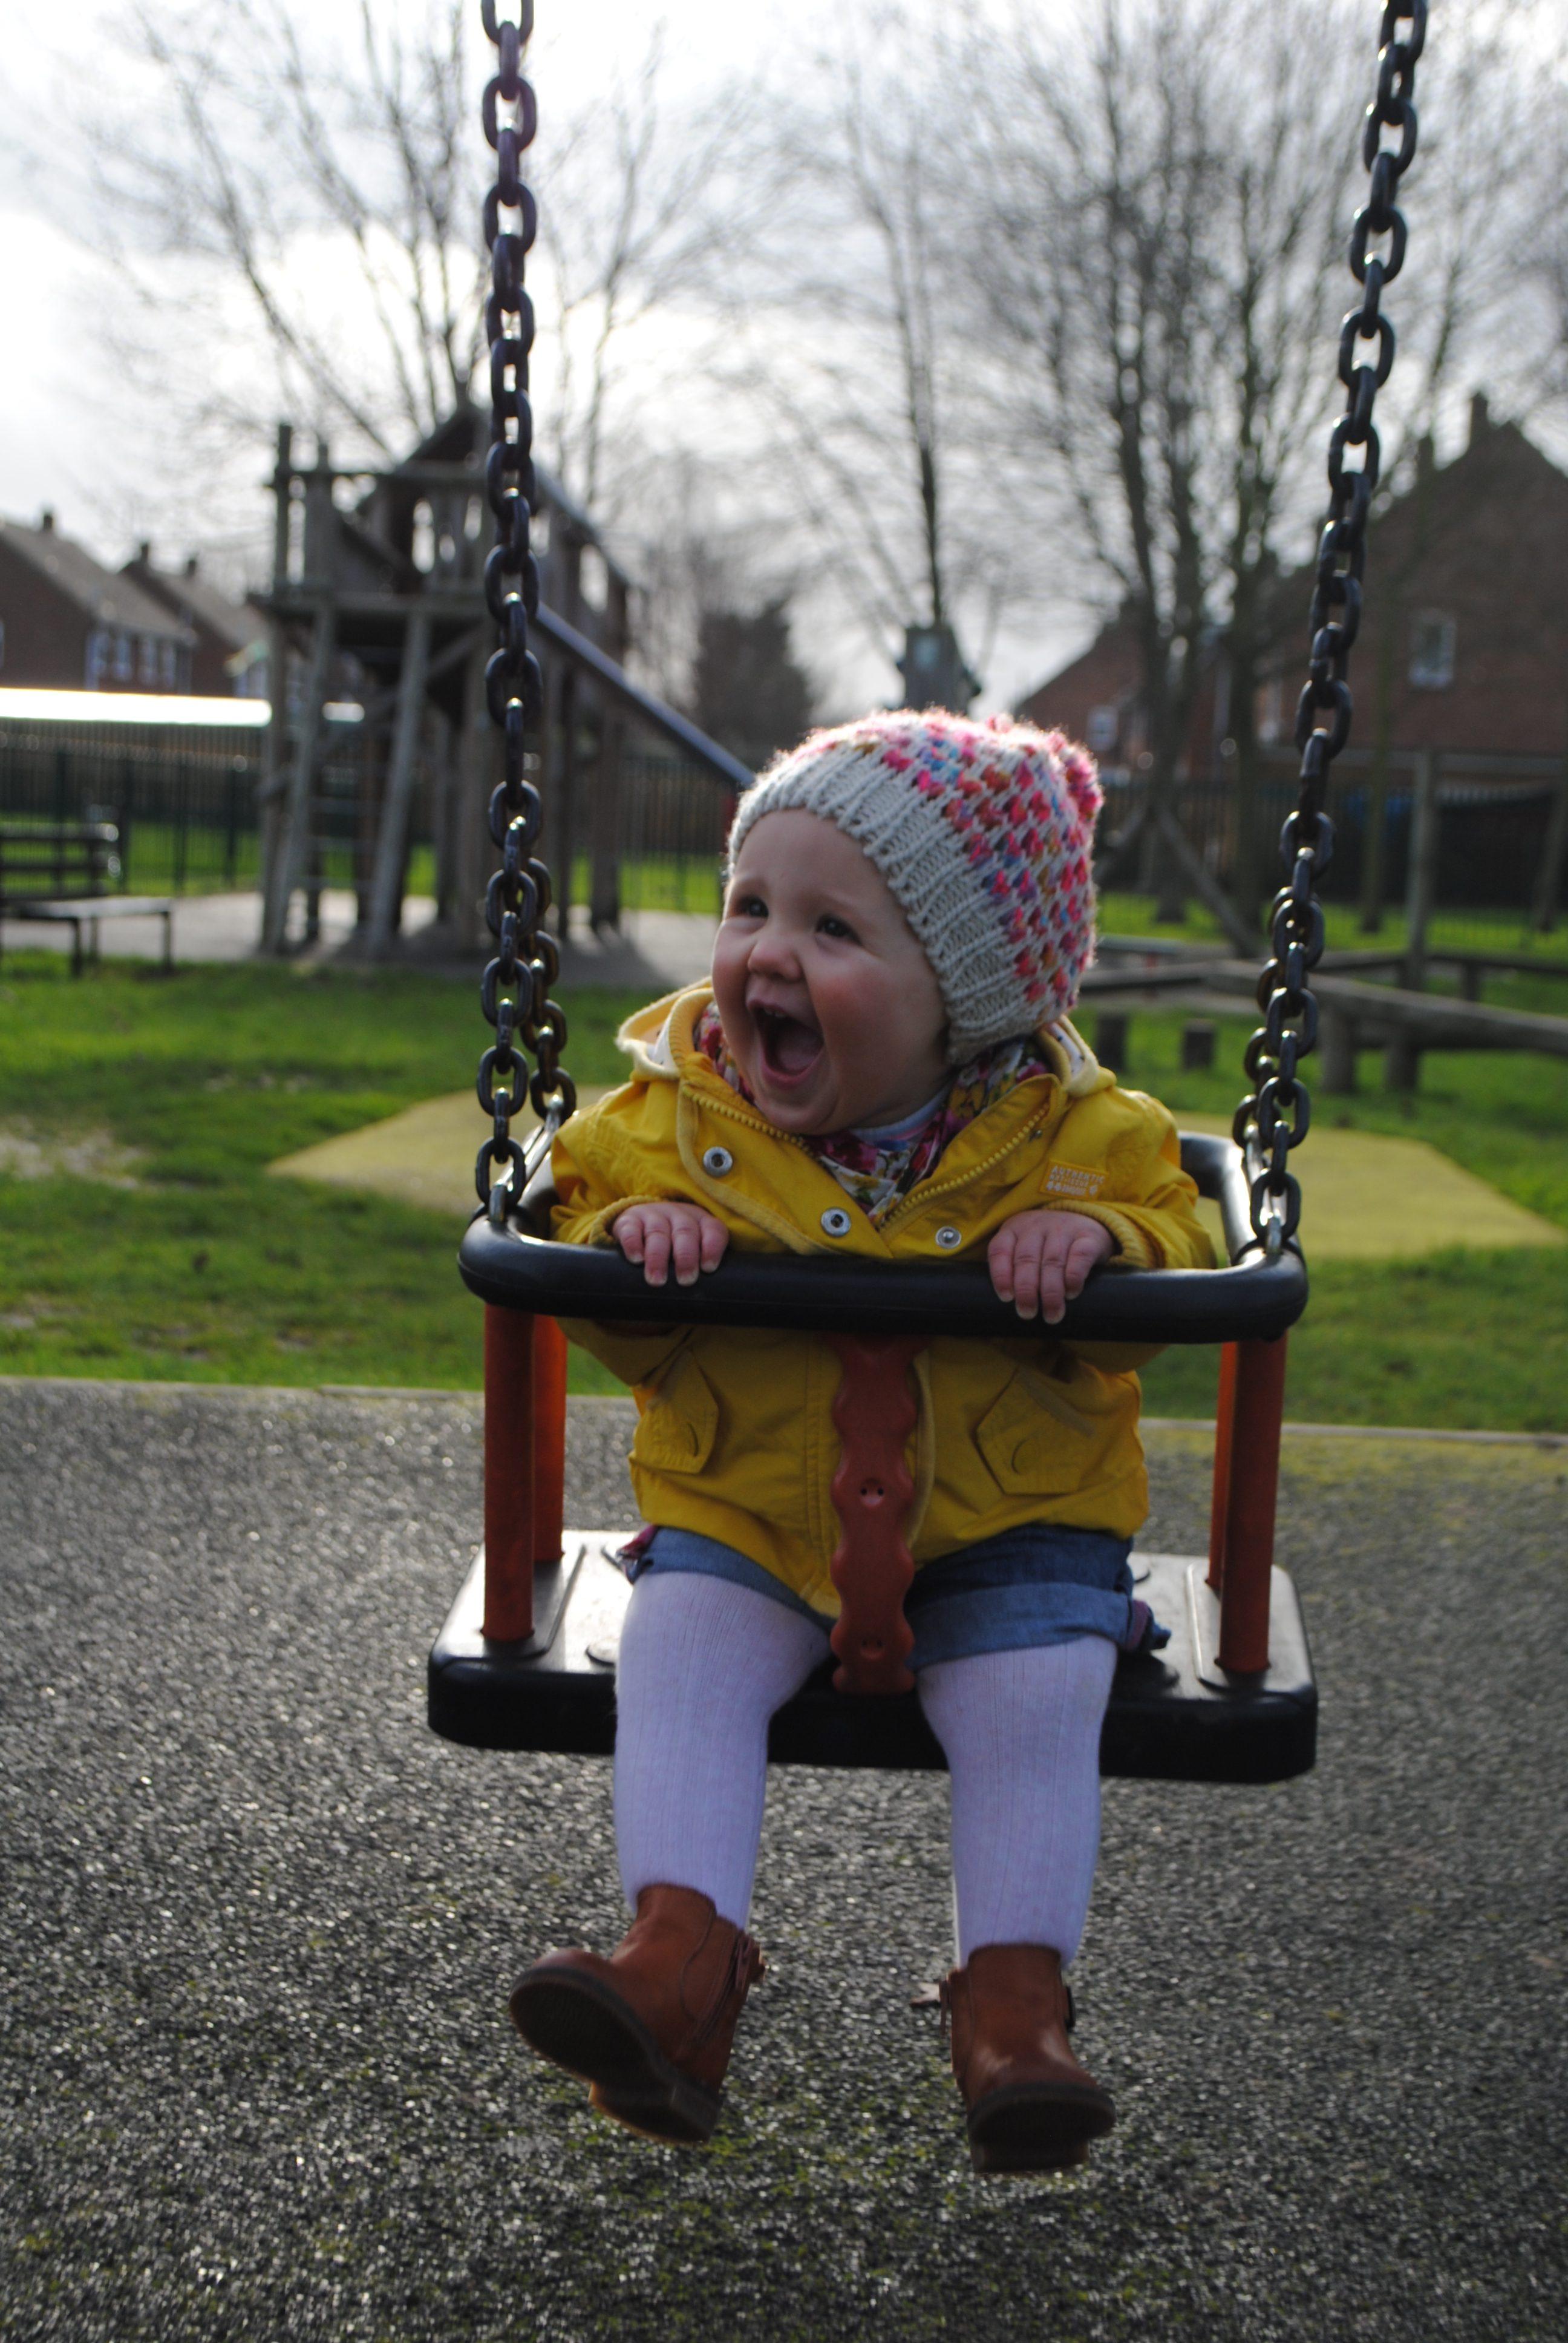 Big girl swing